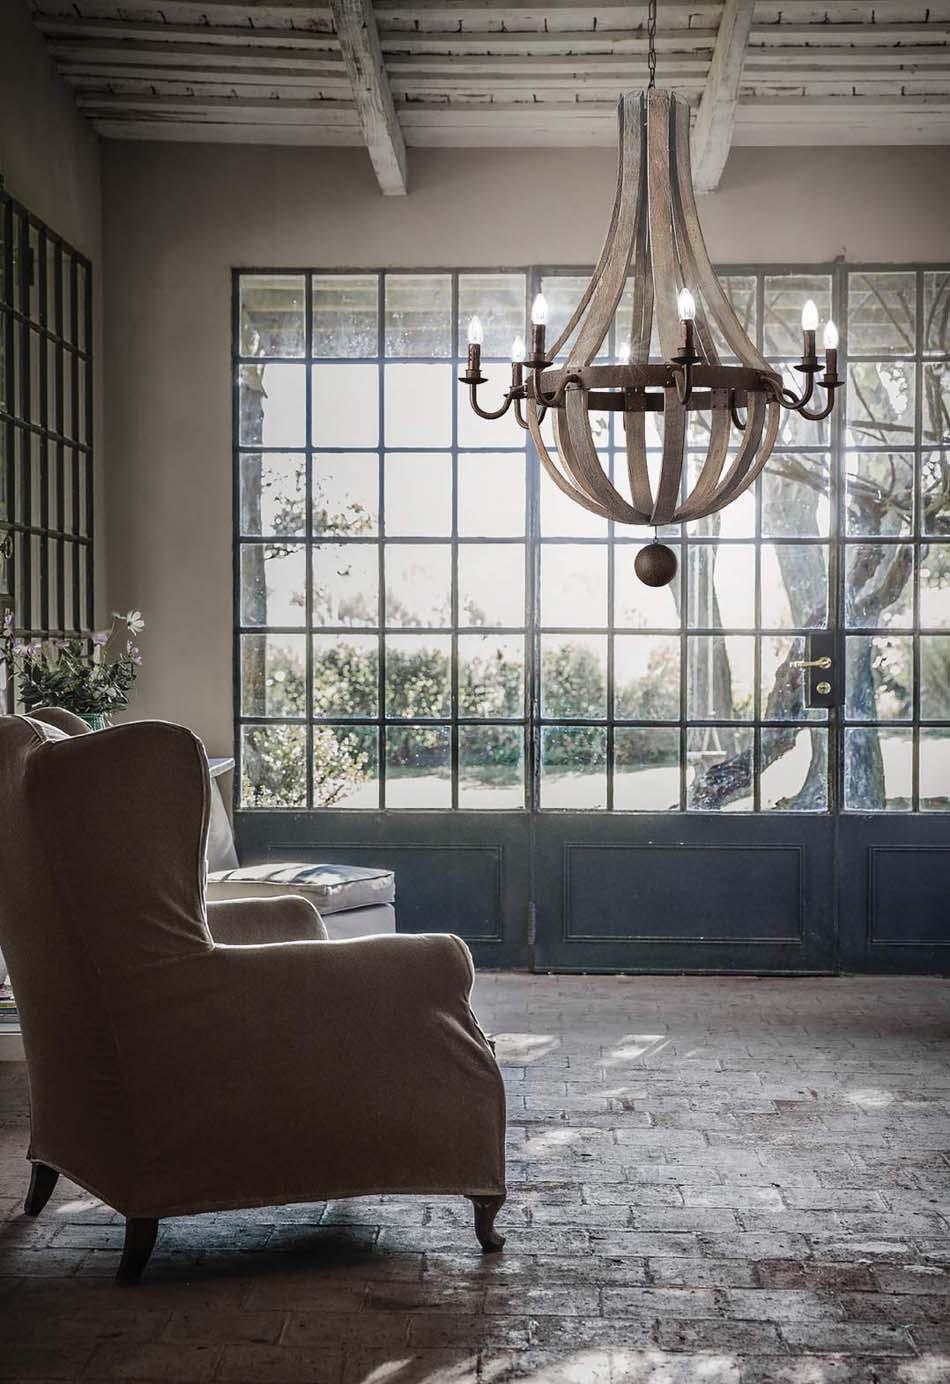 Lampade 65 sospensione Classico Ideal Lux Millennium – Bruni Arredamenti